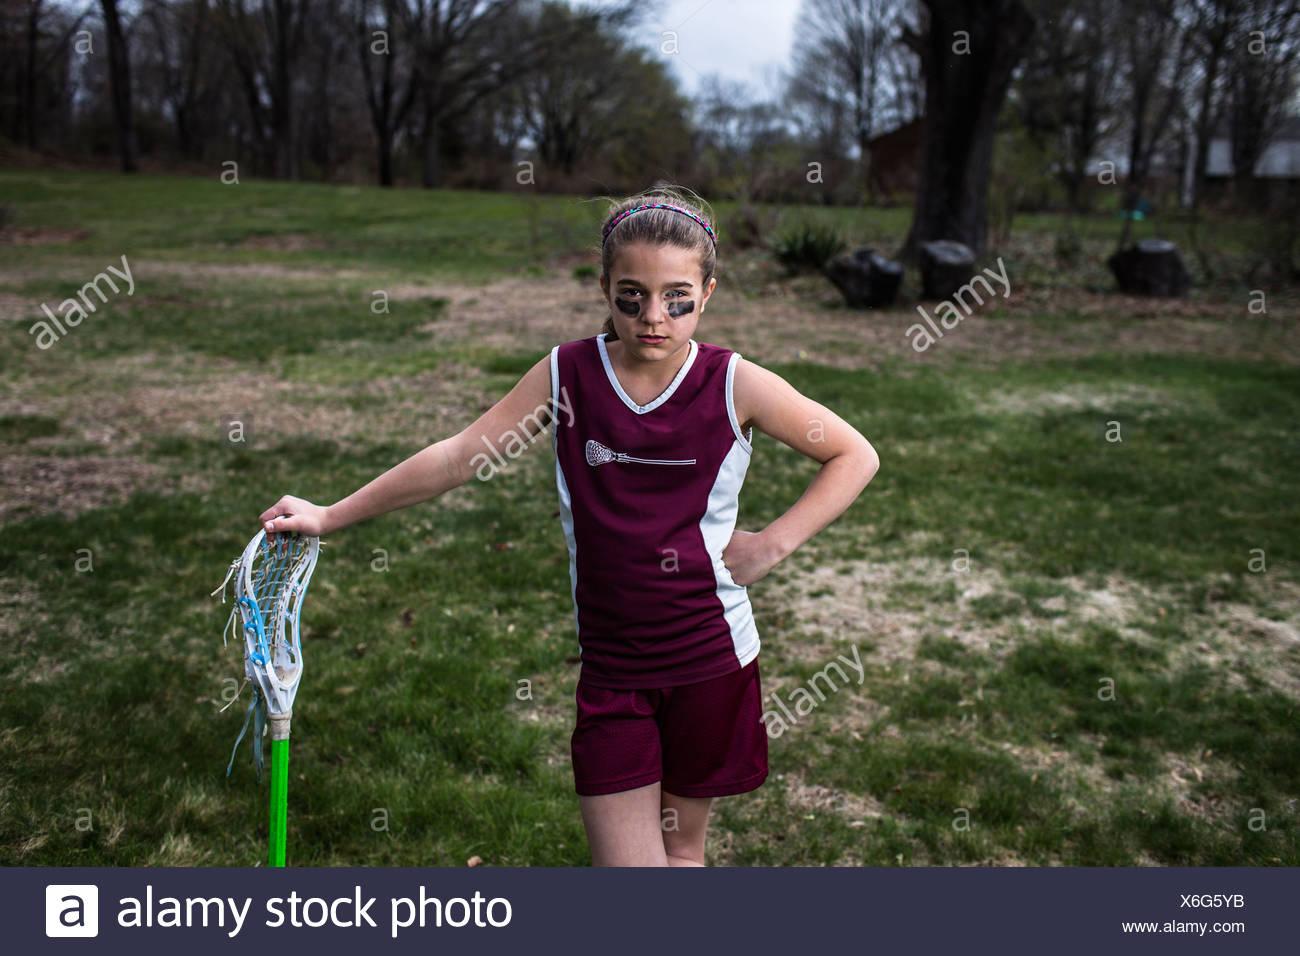 Girl wearing lacrosse uniforme, appuyé contre bâton de crosse Photo Stock